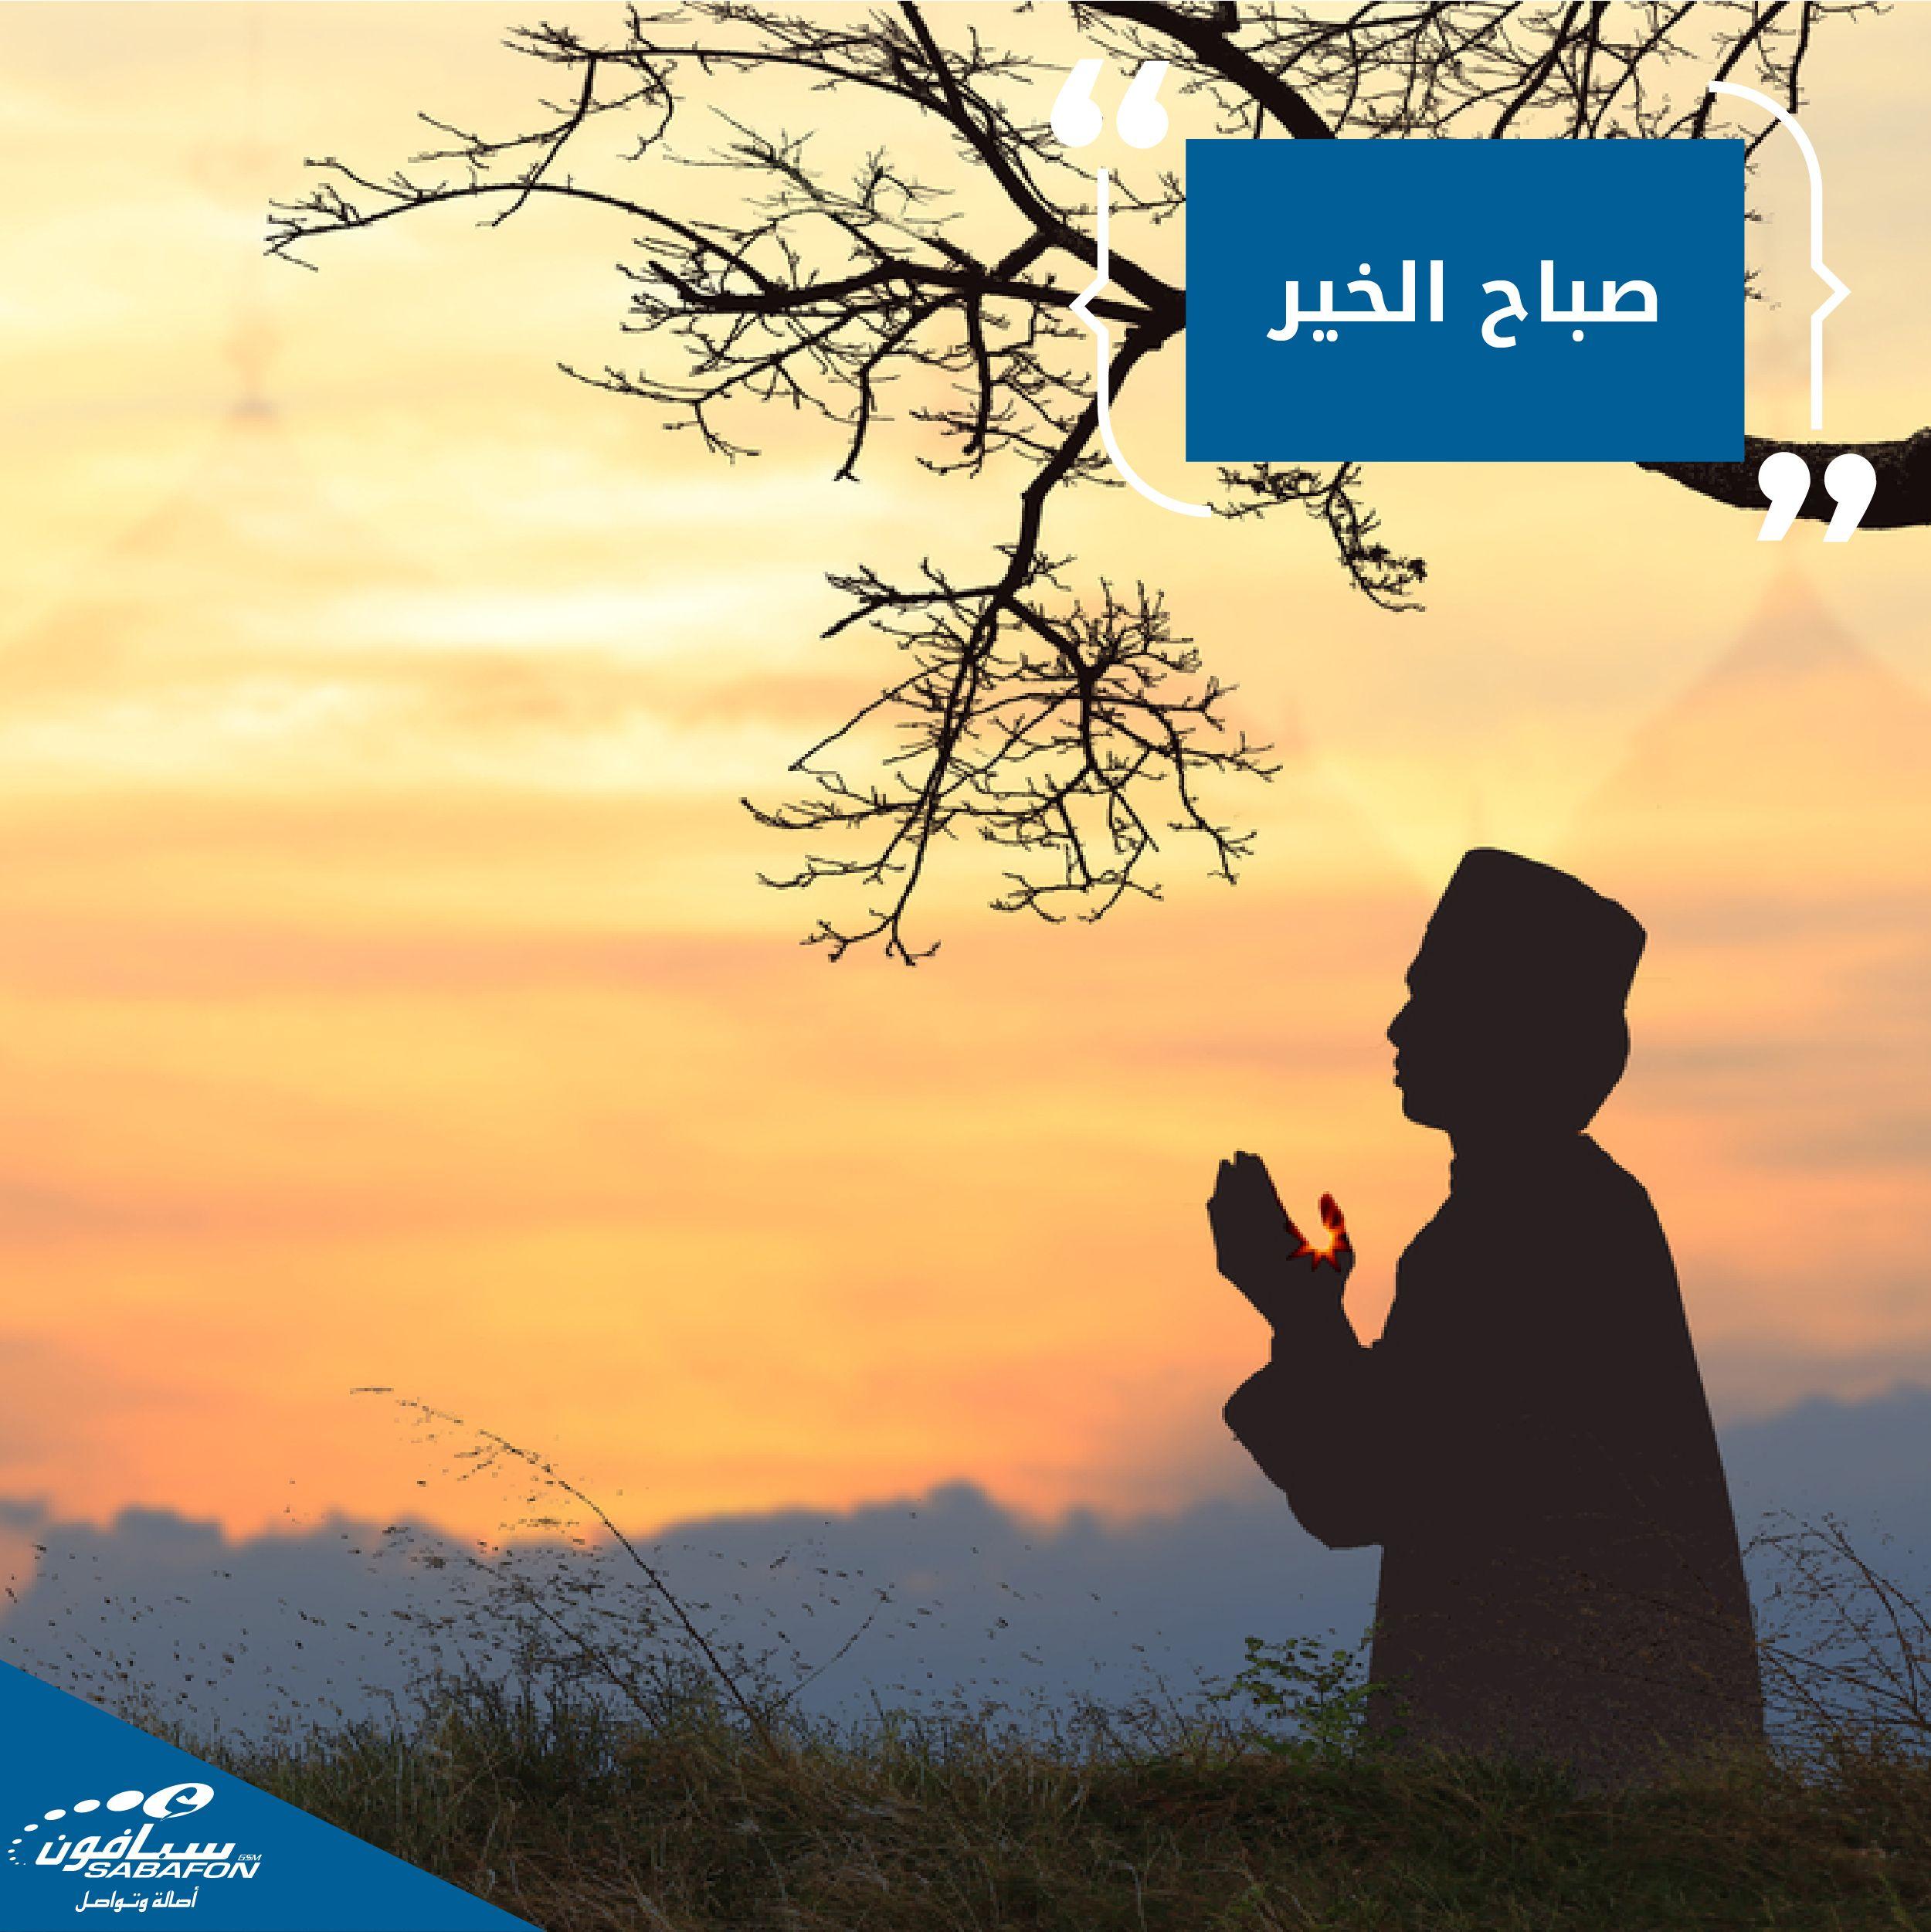 صباح مليء بالخير والصح ة والسعادة وراحة البال ورضا الرحمن ايمان Outdoor Celestial Sunset